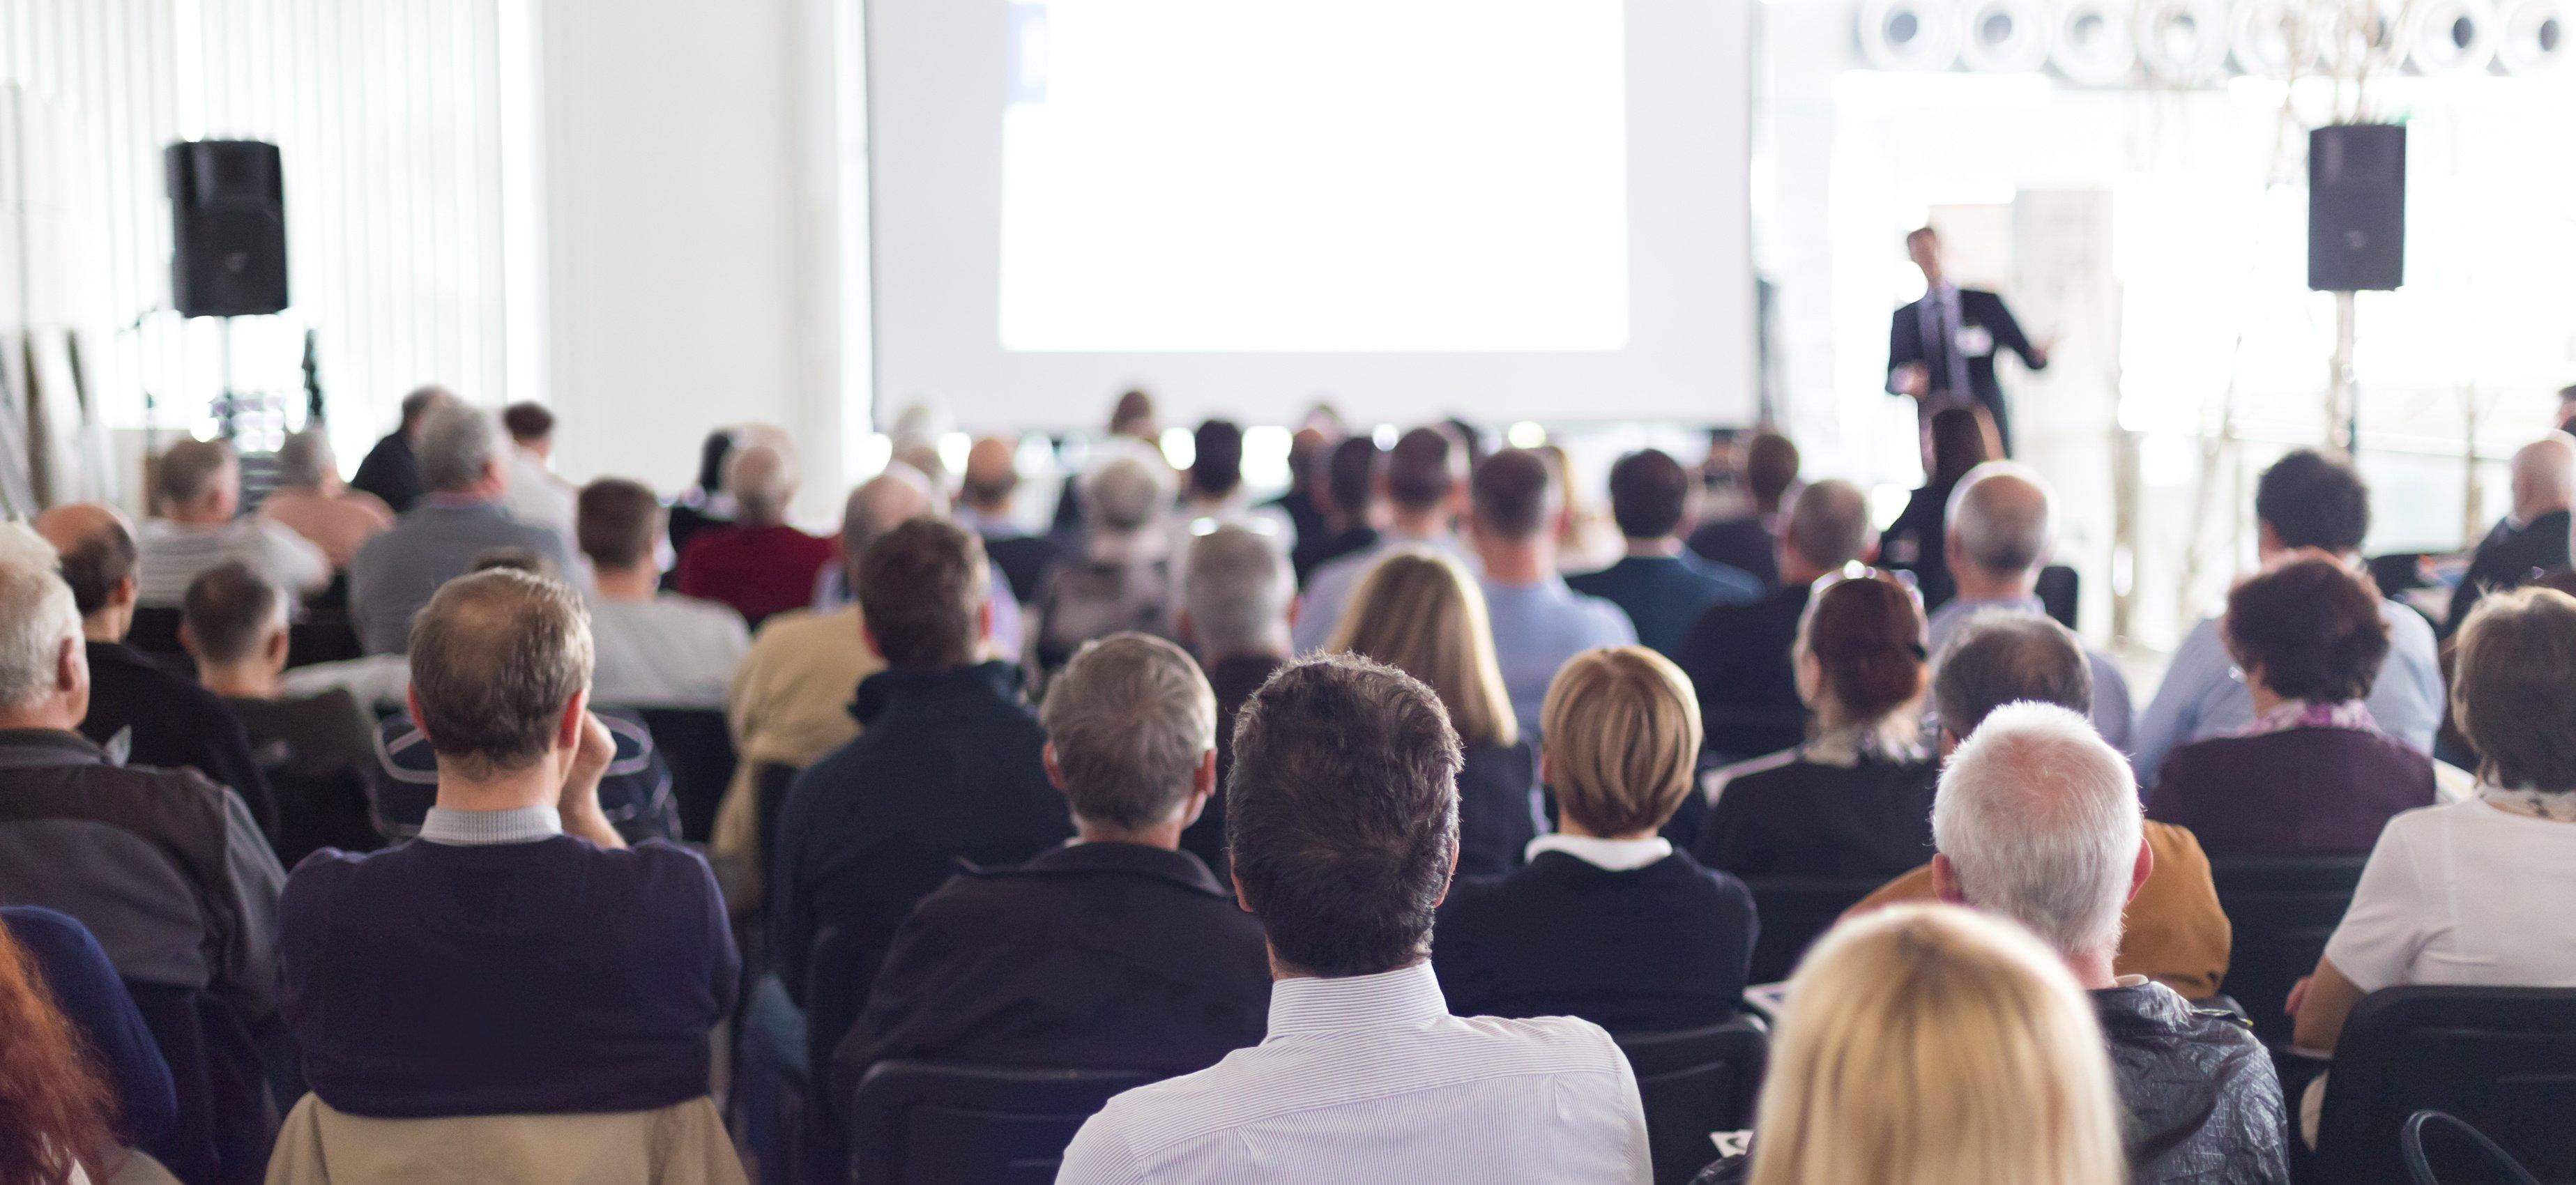 Судебная оценочная экспертиза - изменения в законодательстве